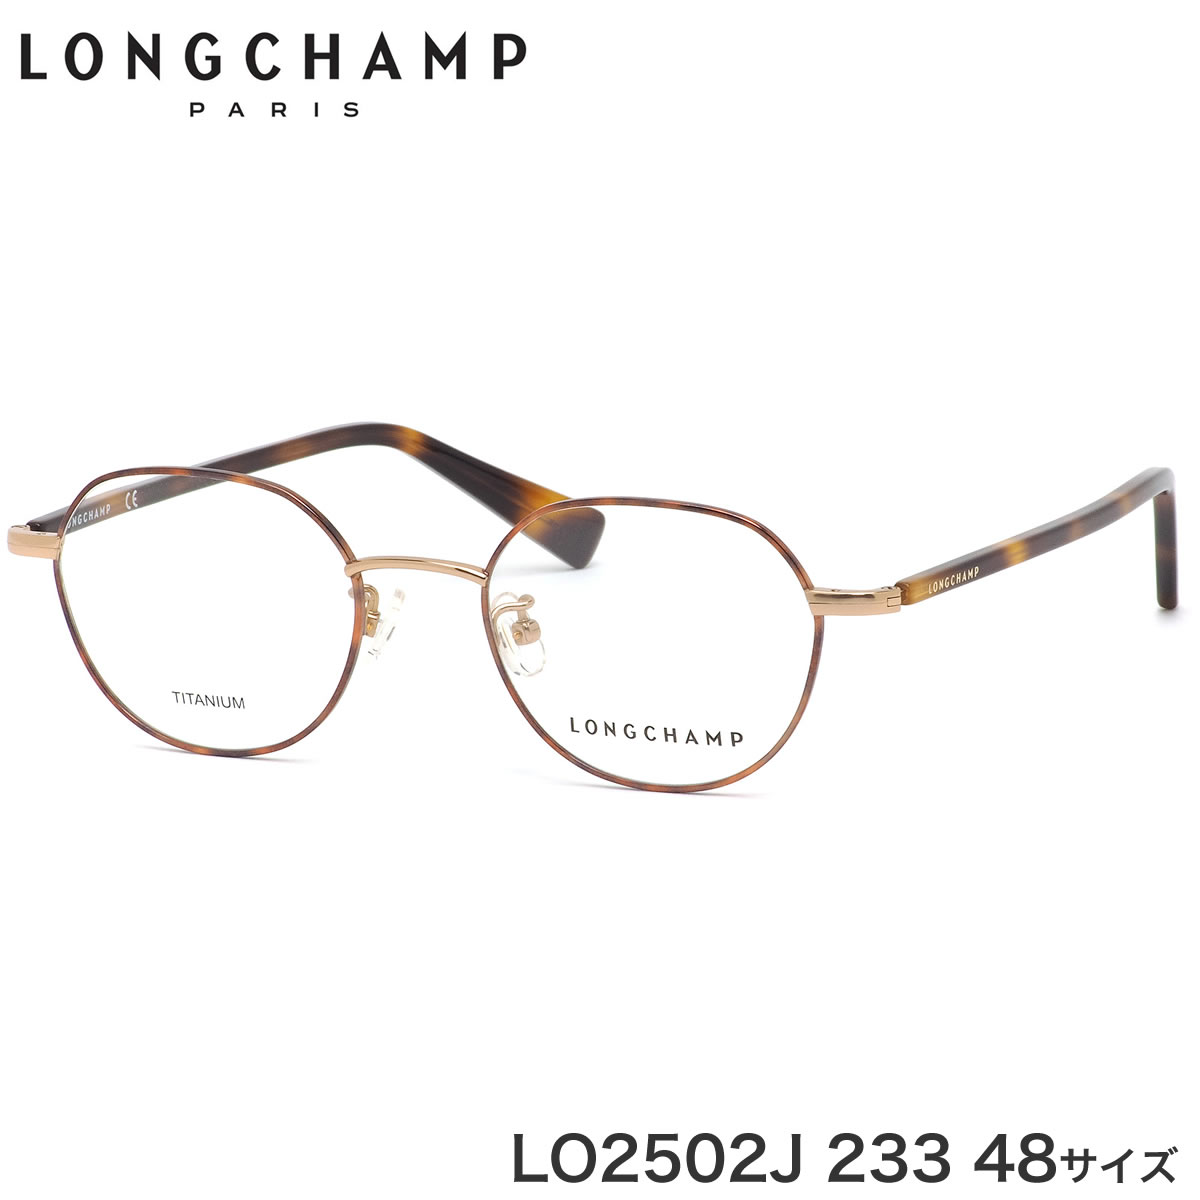 眼鏡・サングラス, 眼鏡  LONGCHAMP LO2502J 233 48